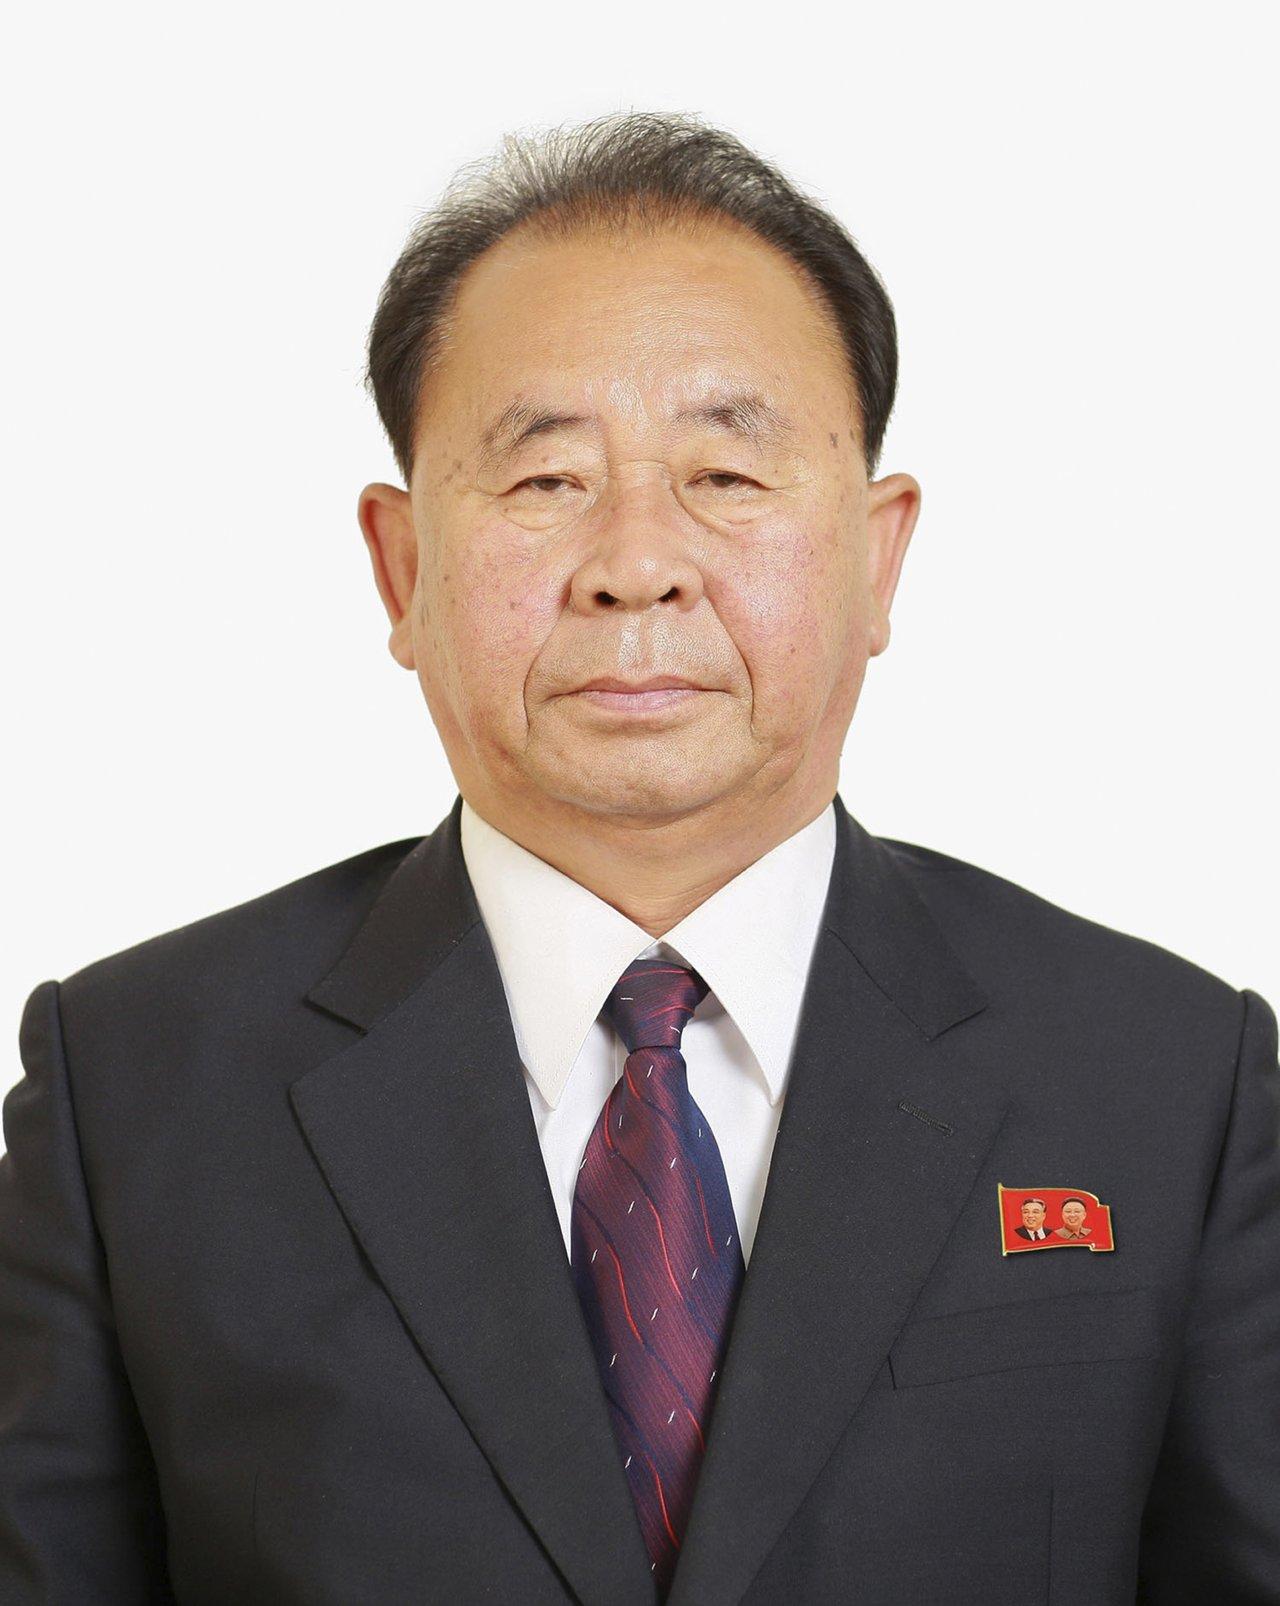 加強施壓 美制裁北韓負責飛彈計畫2官員